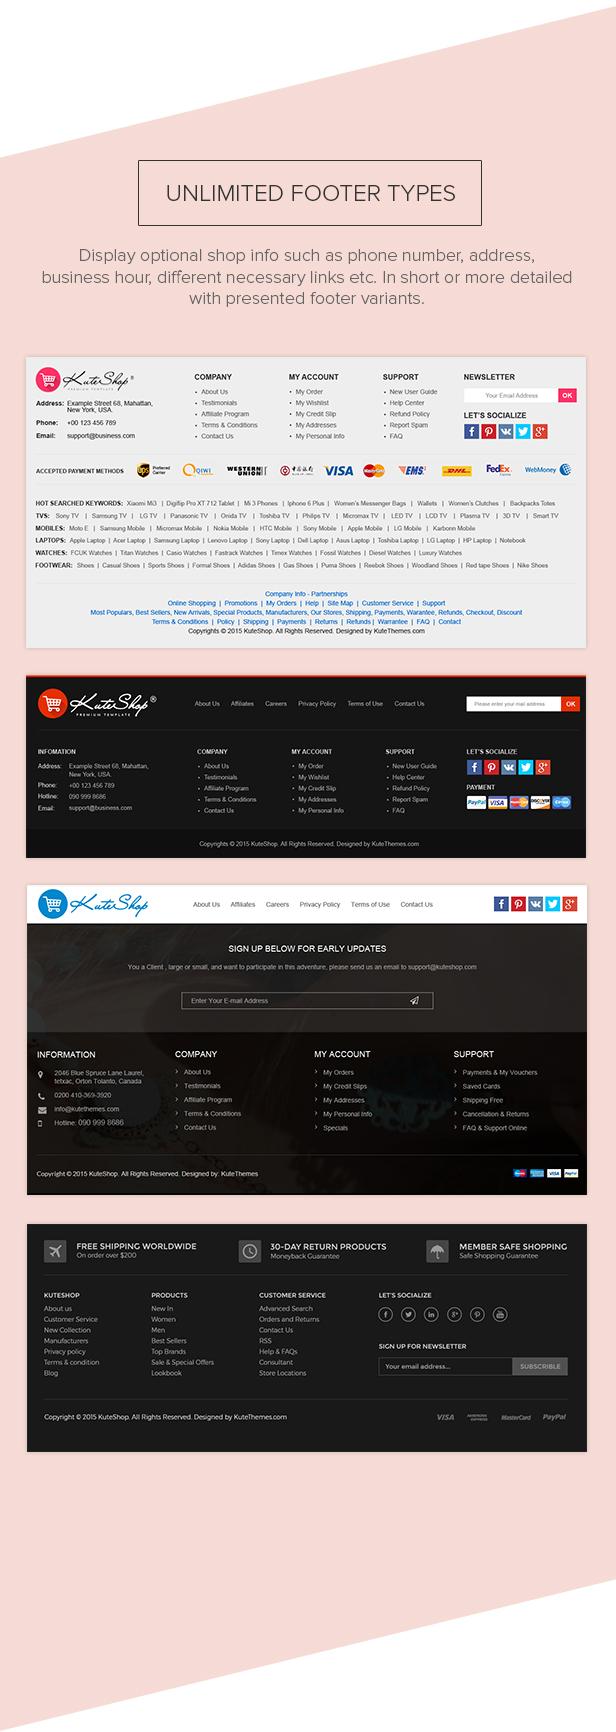 des kute 09 - KuteShop - Fashion, Electronics & Marketplace Elementor WooCommerce Theme (RTL Supported)